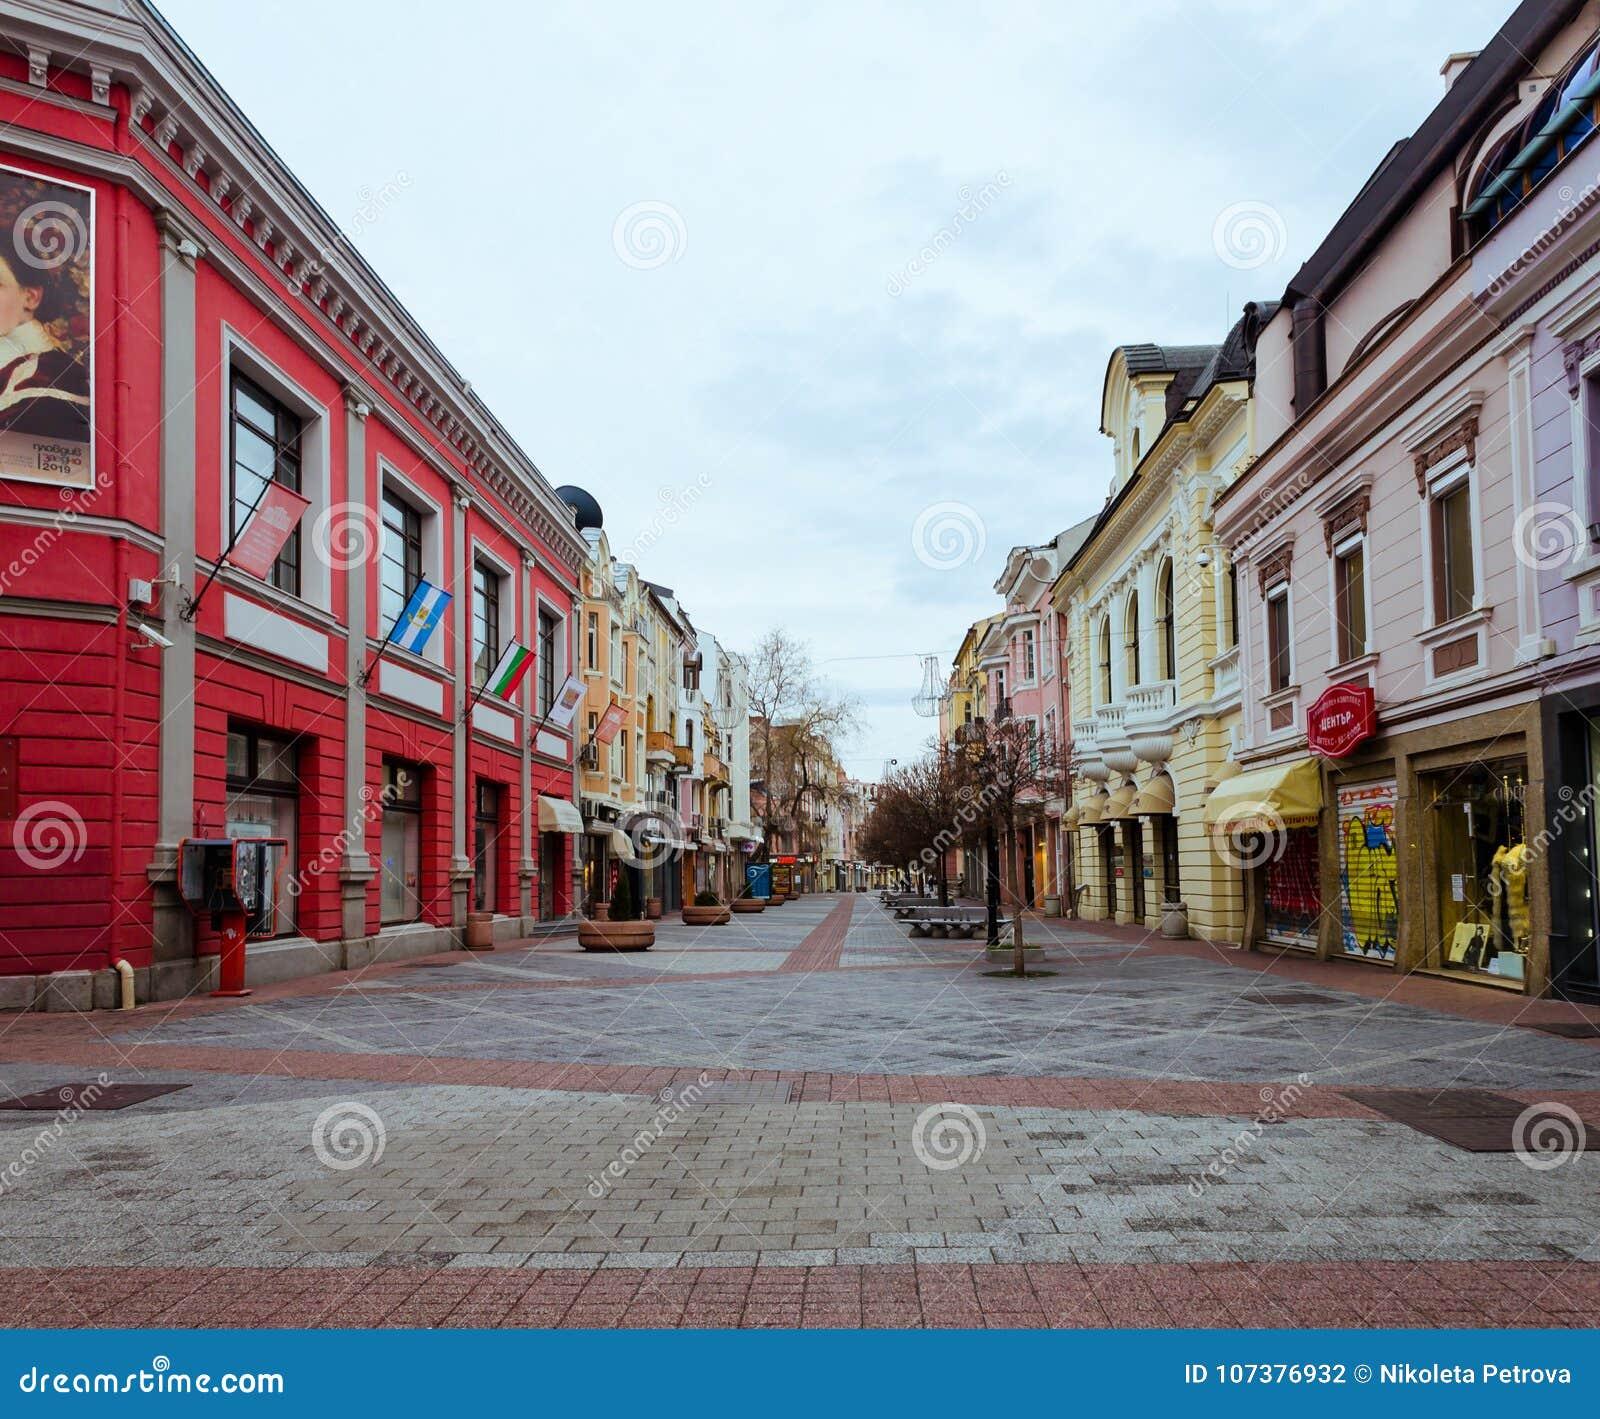 Hoofd voetgebied in het centrum van Plovdiv-stad in Bulgarije - geen mensen